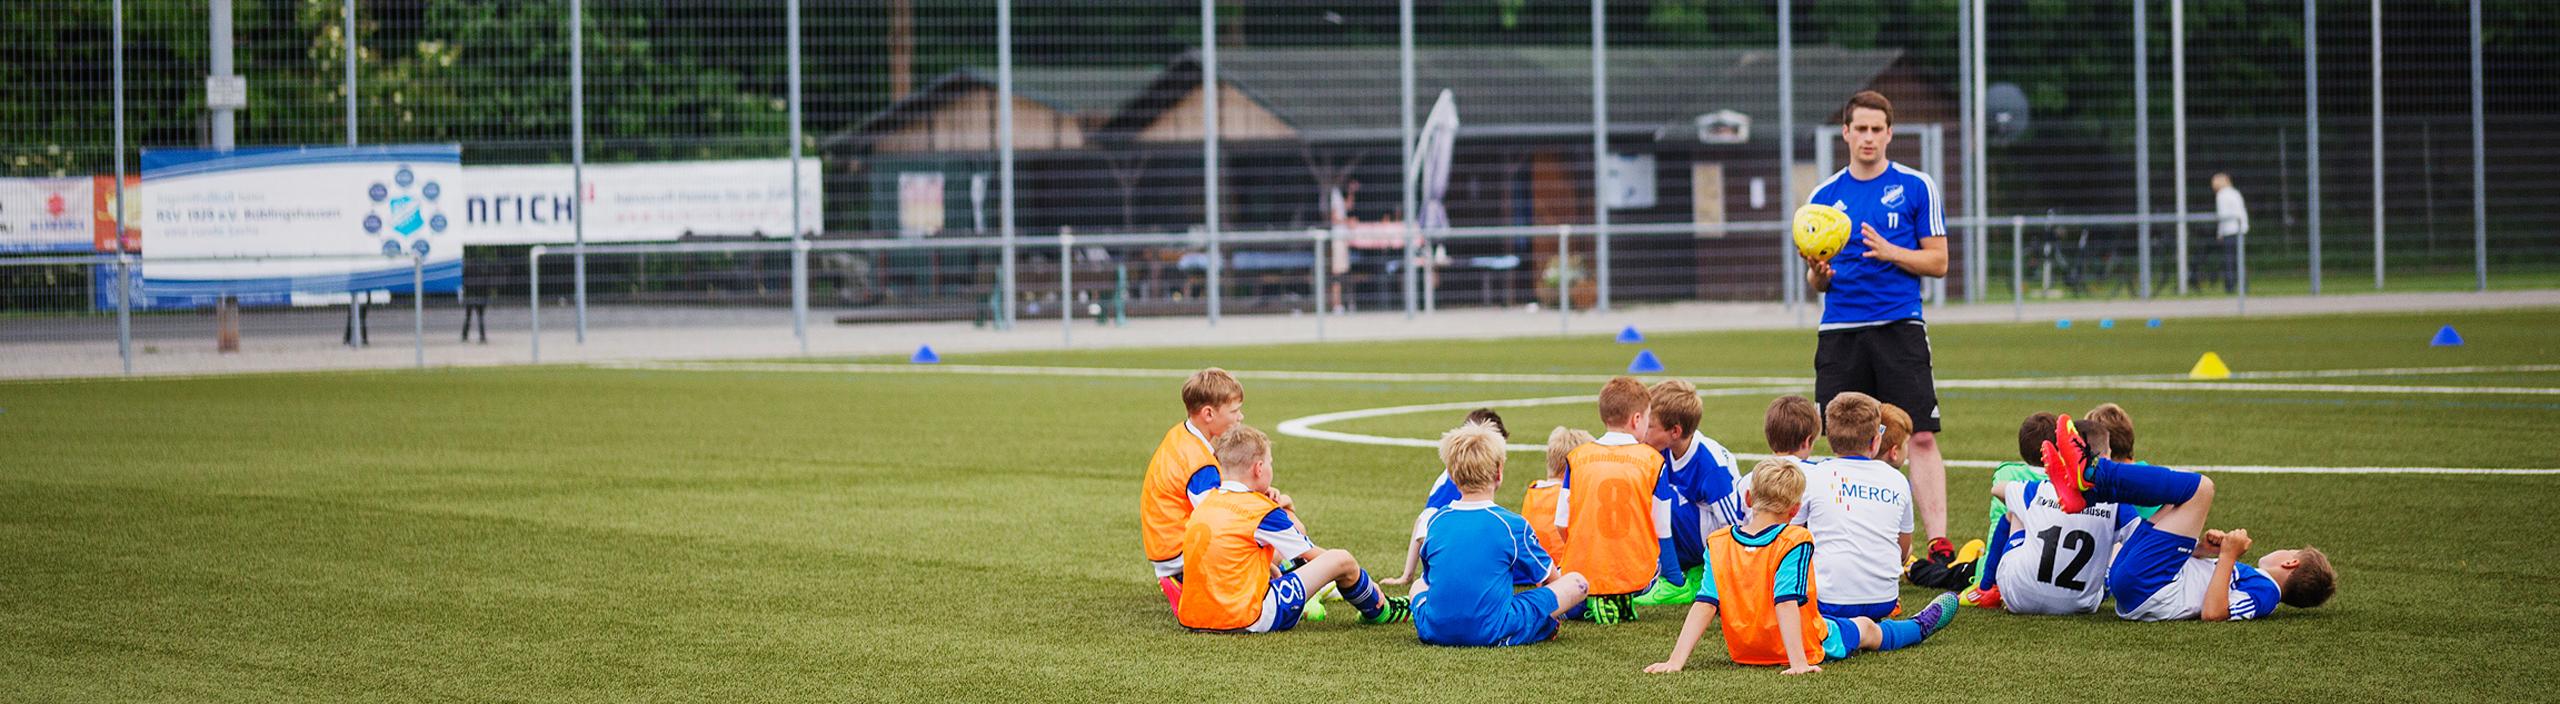 Ohne Enttäuschungen, kein Selbstbewusstsein: vom Umgang mit Niederlagen im Kinderfußball